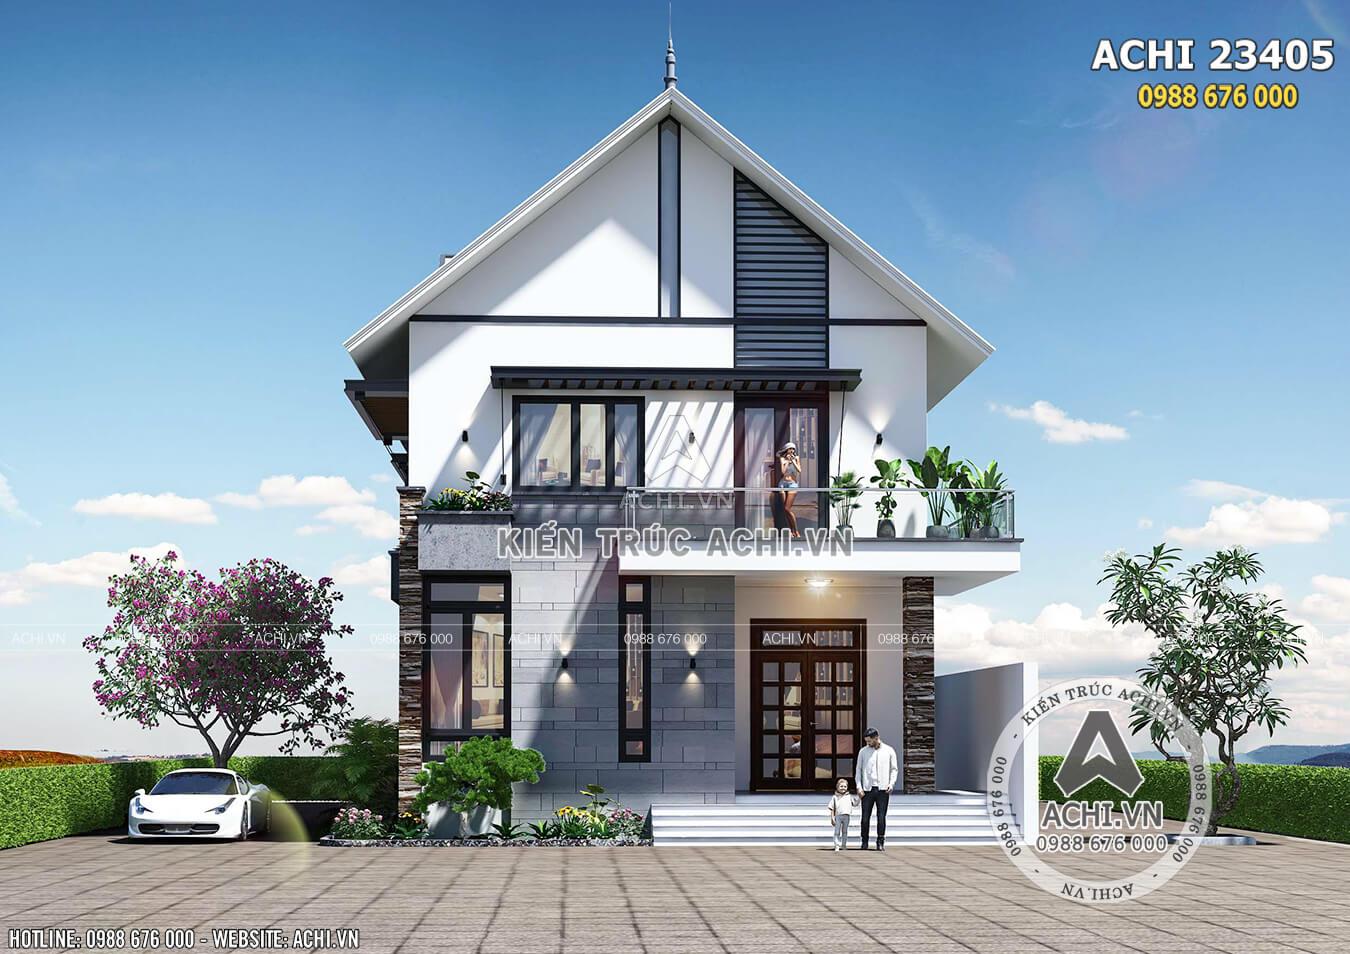 Phối cảnh 3D ngoại thất biệt thự 2 tầng mặt tiền 8m - Mã số: ACHI 23405